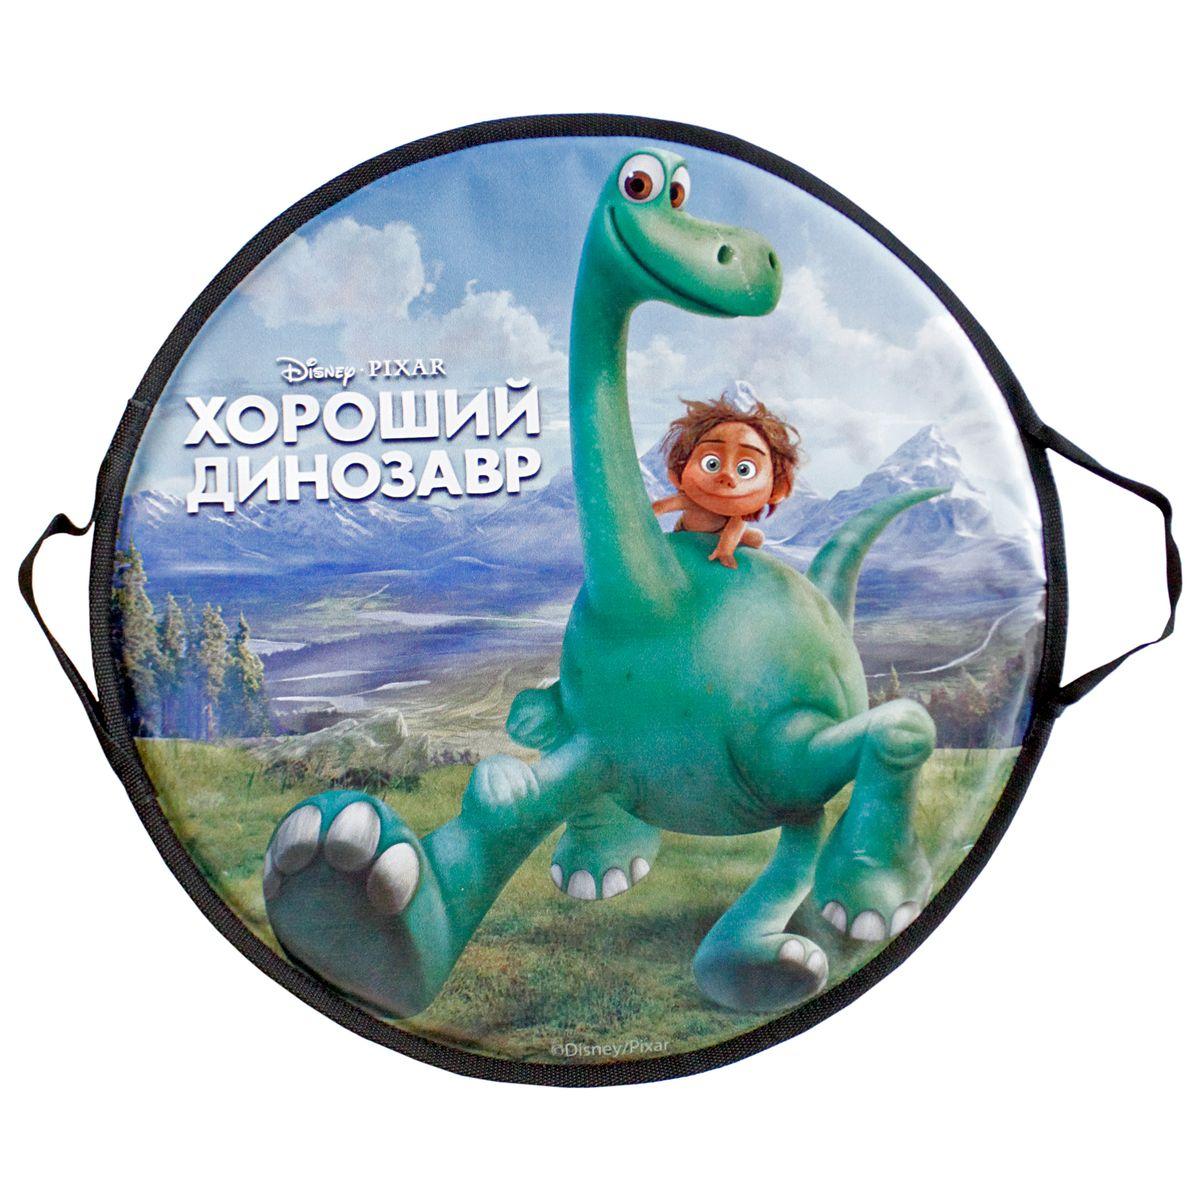 Ледянка круглая 52см, Disney Добропорядочный динозаврТ56338Ледянка Disney Добропорядочный динозавр станет прекрасным подарком. Изделие предназначено катания с горок и идеально подойдет как для мальчиков, так и для девочек. Ледянка развивает на спуске хорошую скорость. Плотные ручки, расположенные по краям изделия помогут не упасть.